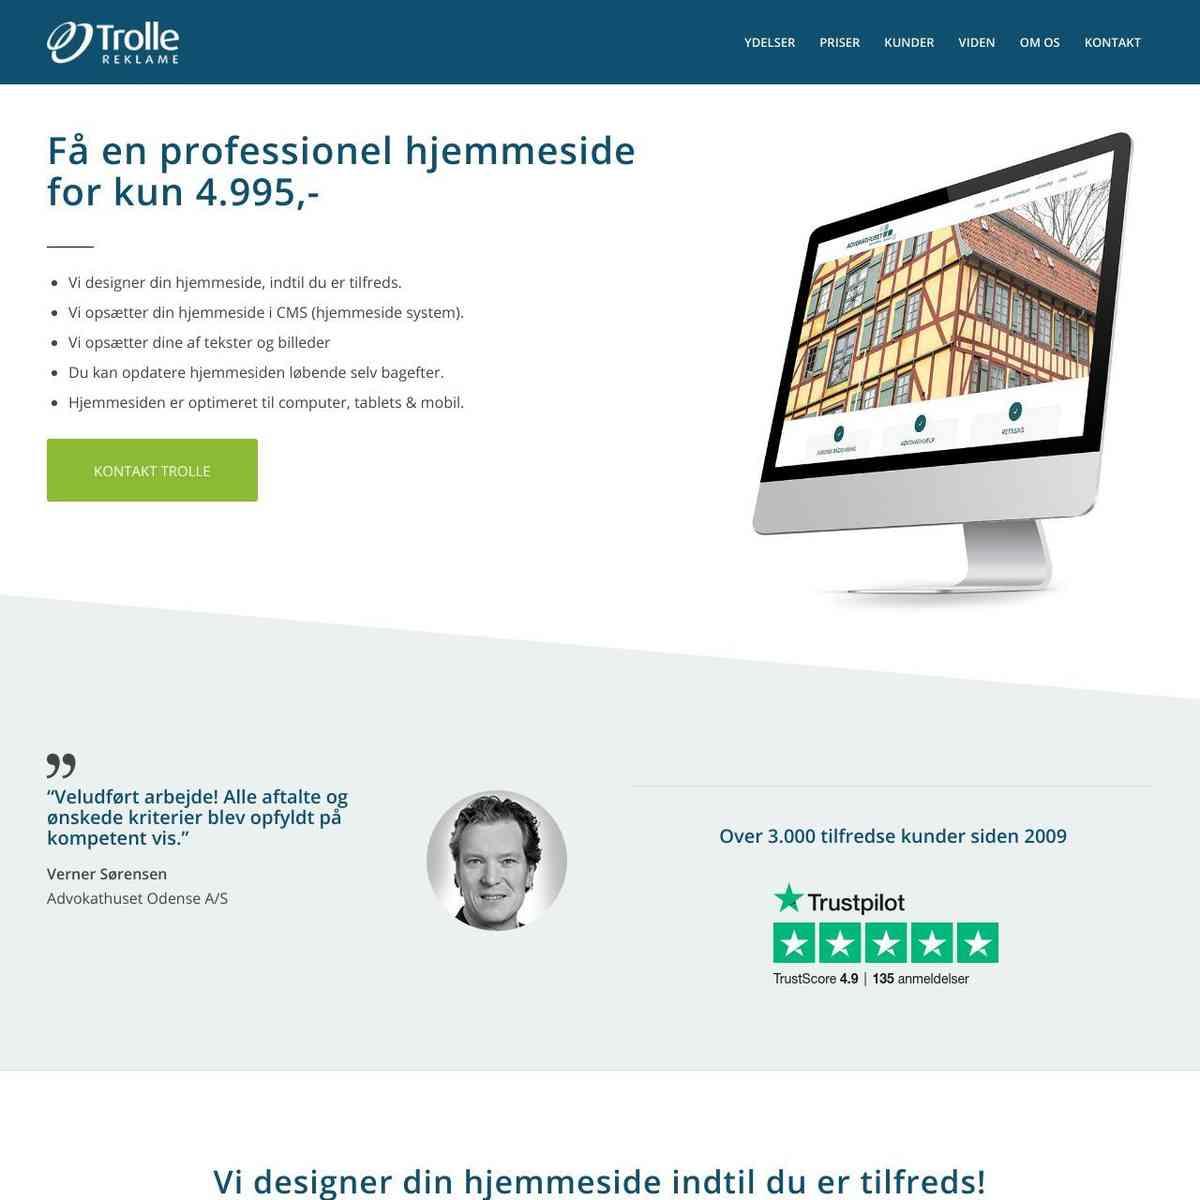 webrepublic.dk